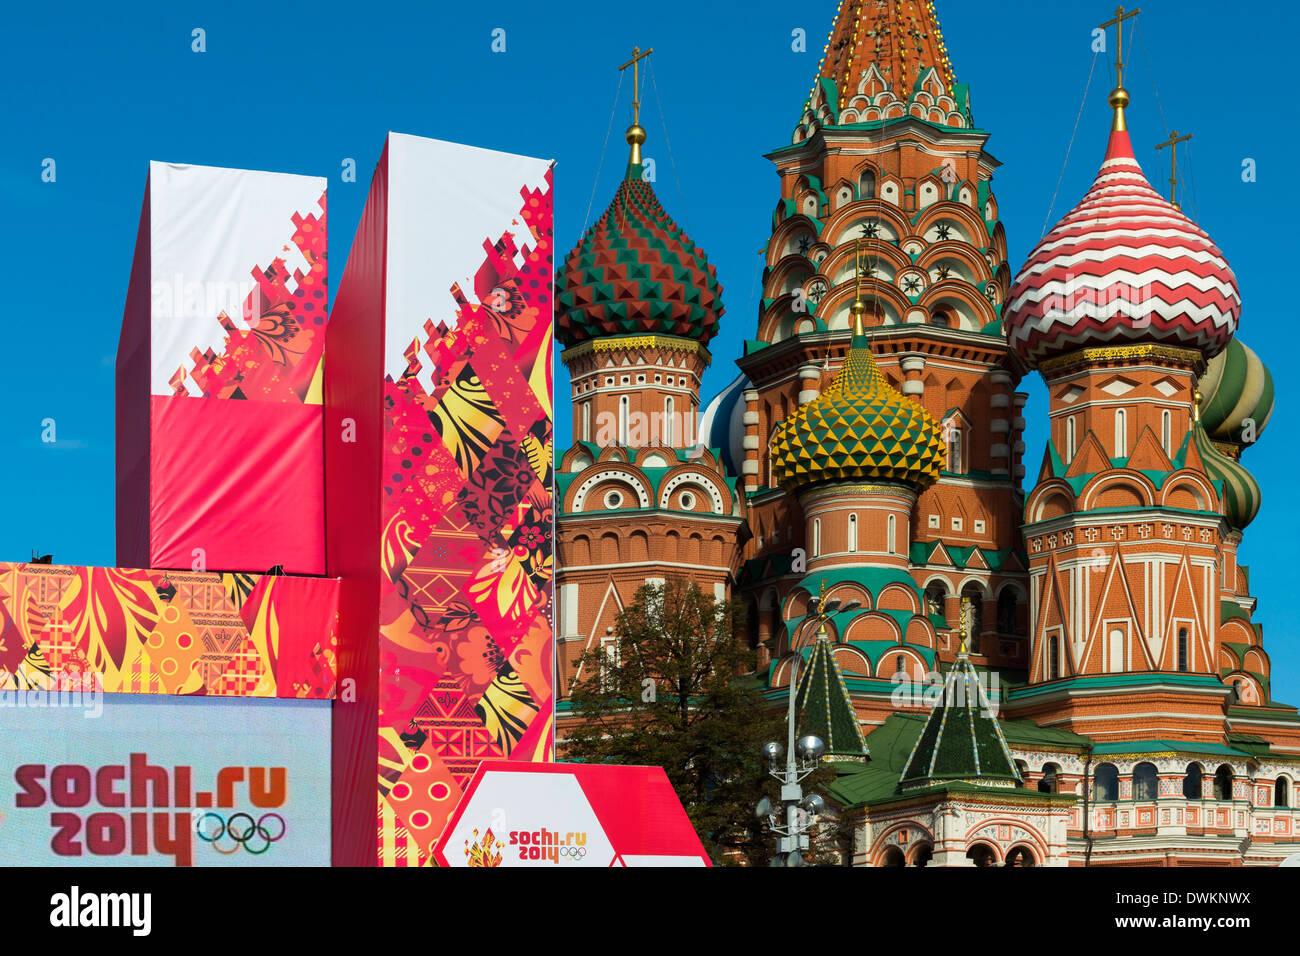 Torcia supporto relè per Sochi Olimpiadi Invernali 2014, con cupole a cipolla della Cattedrale di San Basilio Immagini Stock